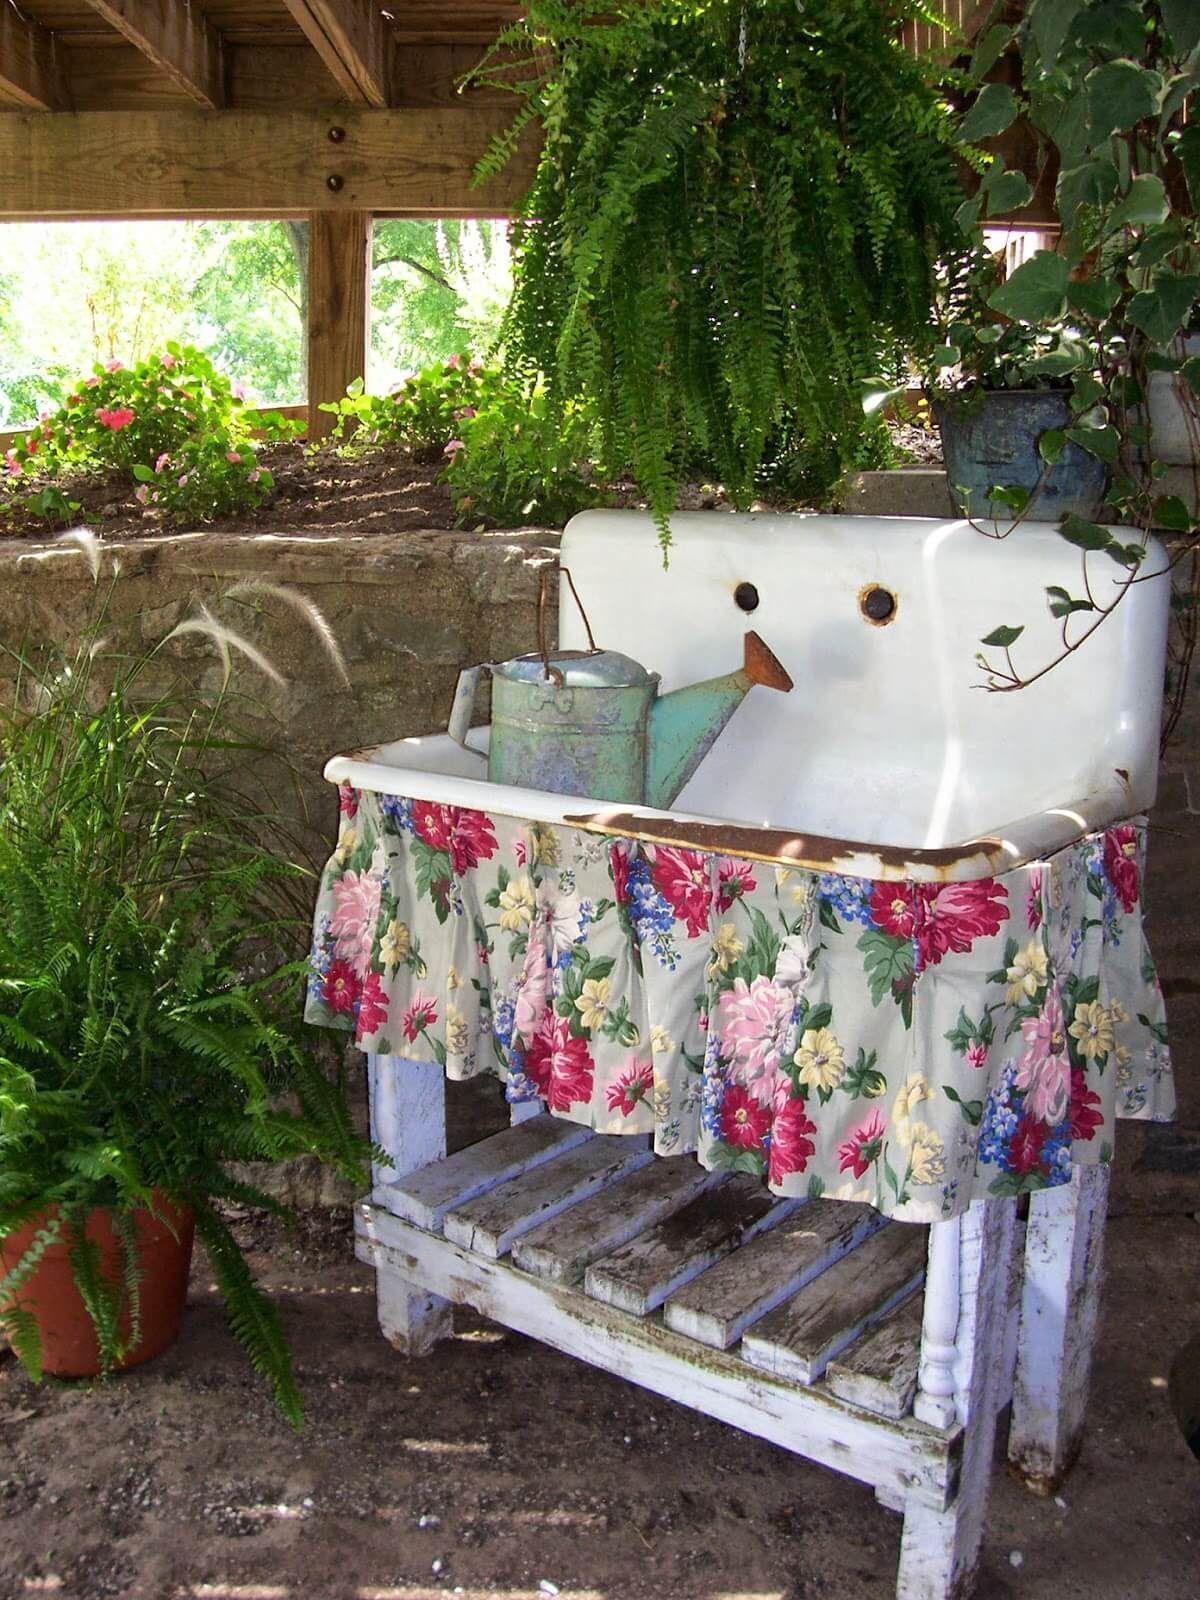 34 Vintage Garden Decor Ideas To Give Your Outdoor Space Vintage Flair Vintage Garden Decor Upcycle Garden Garden Sink